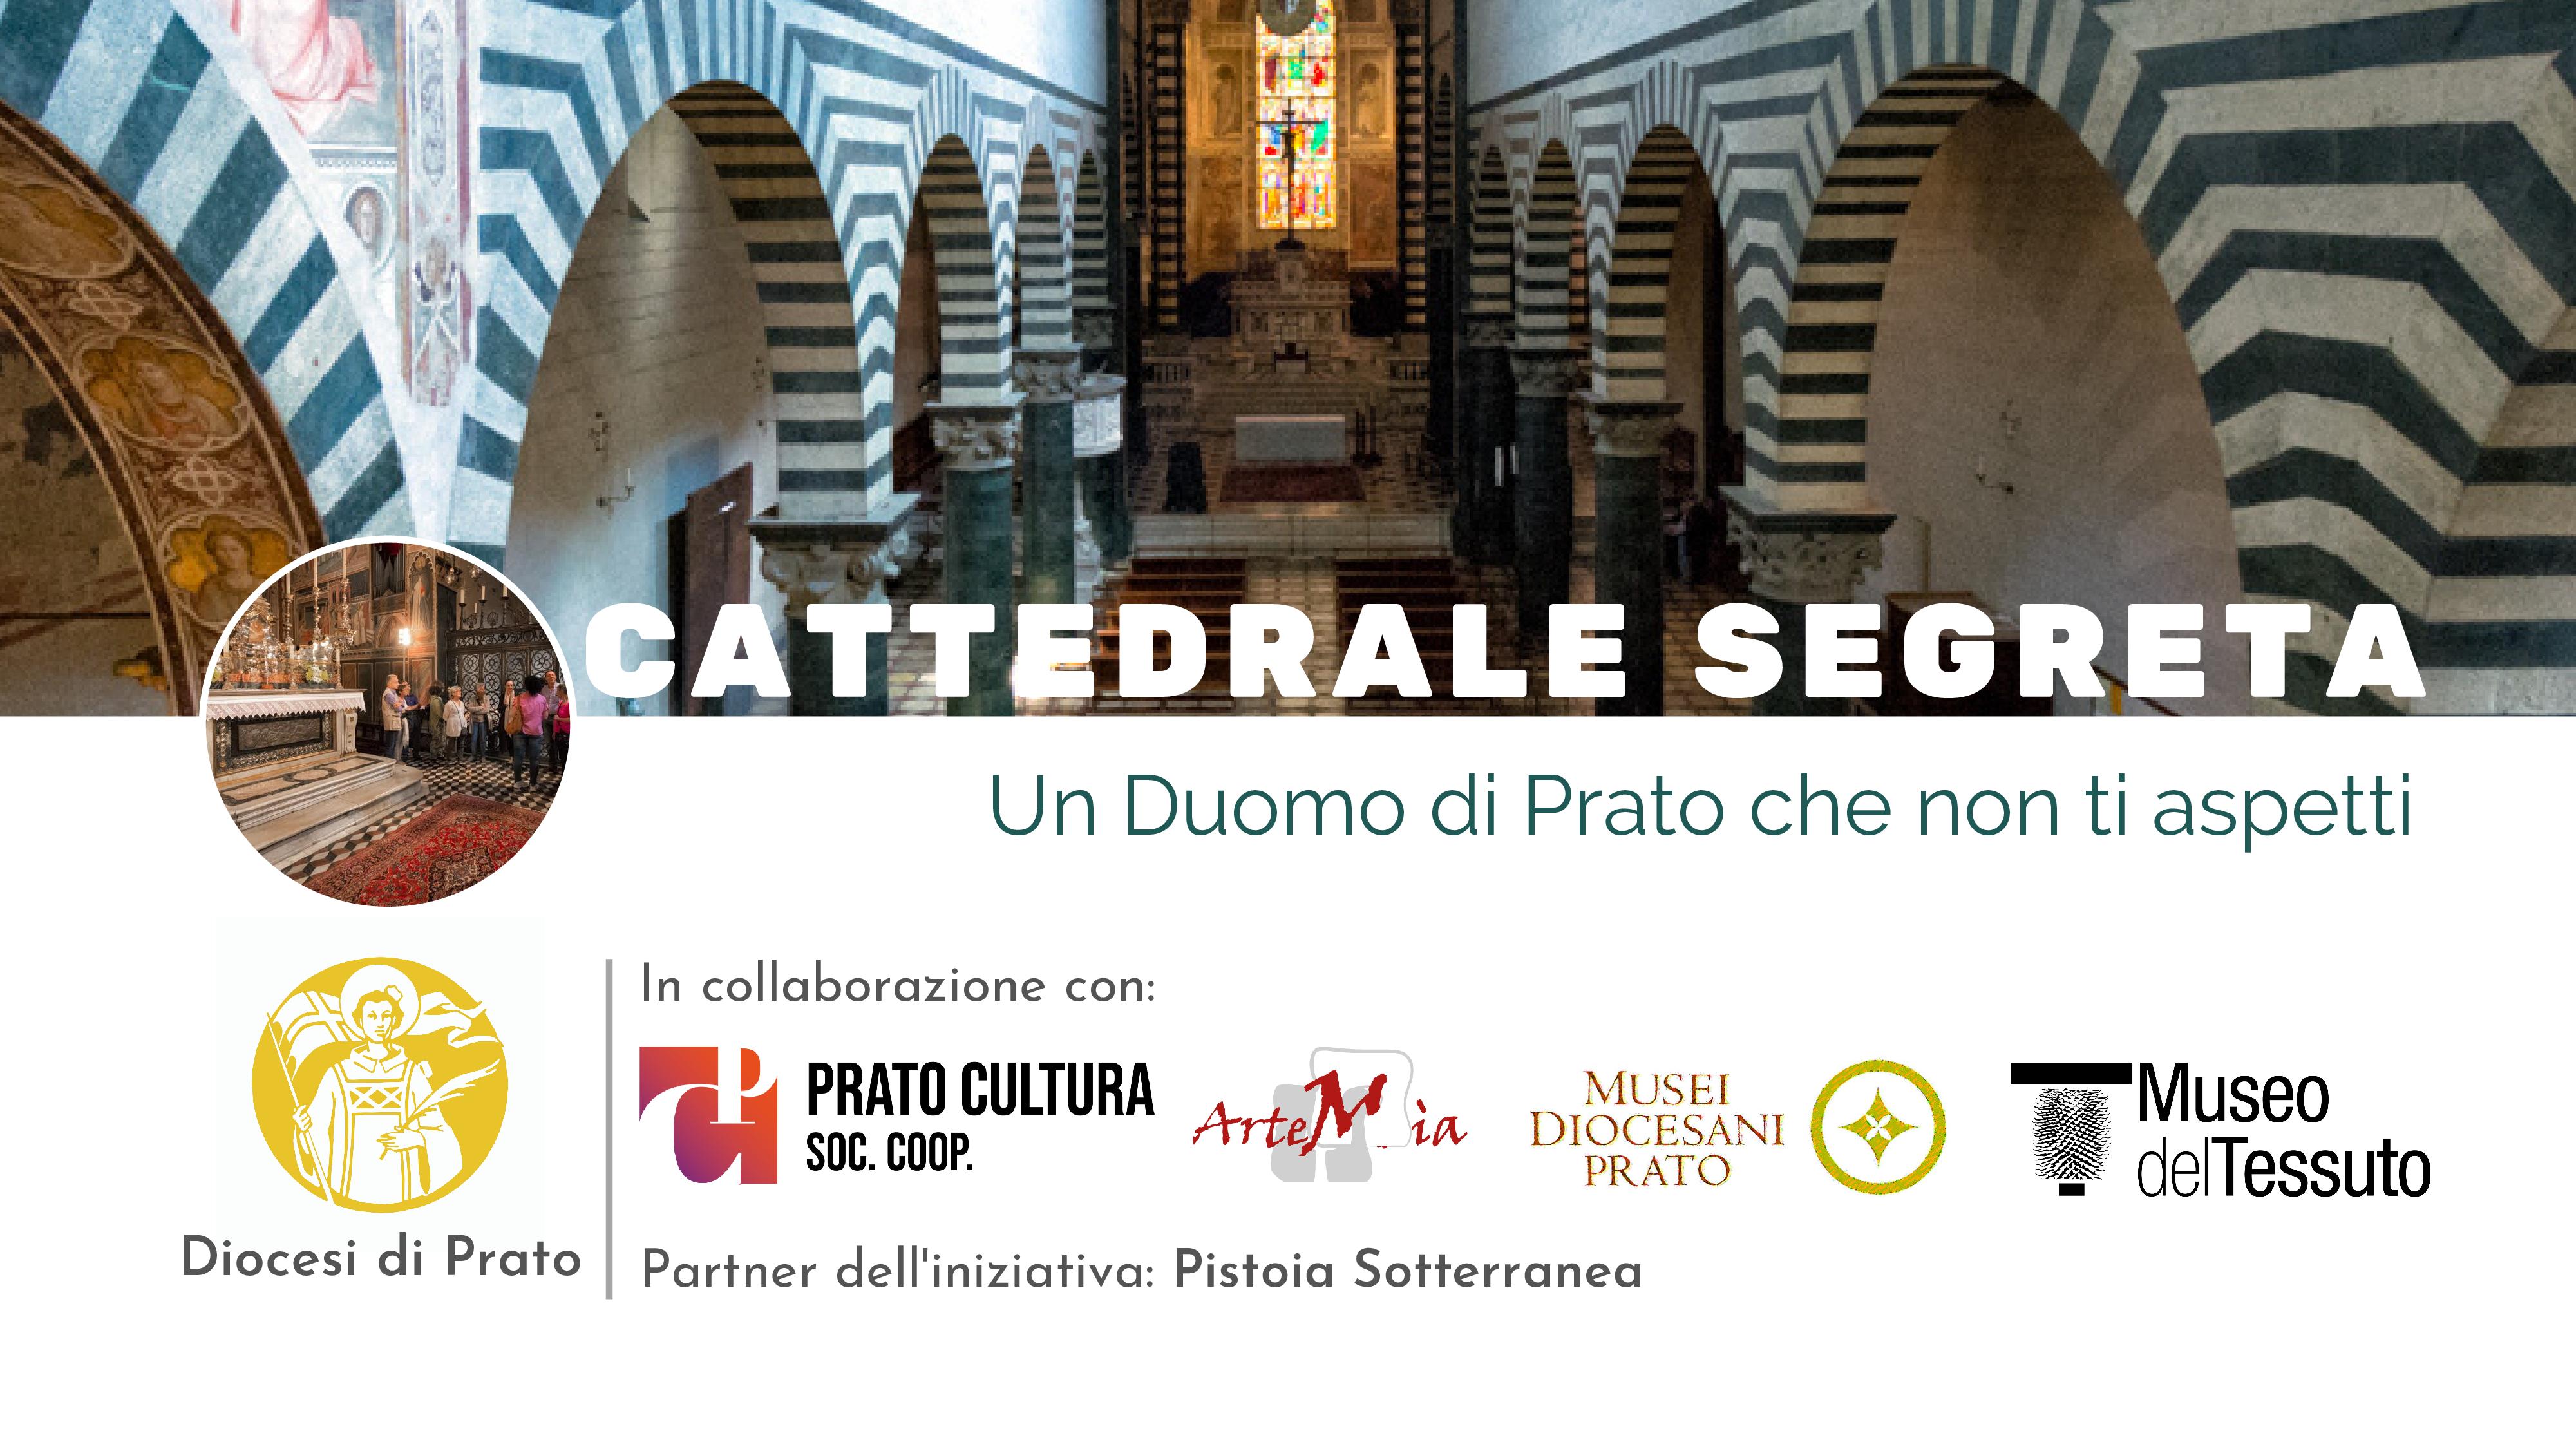 VISITA: Cattedrale Segreta... Un Duomo di Prato che non ti aspetti!